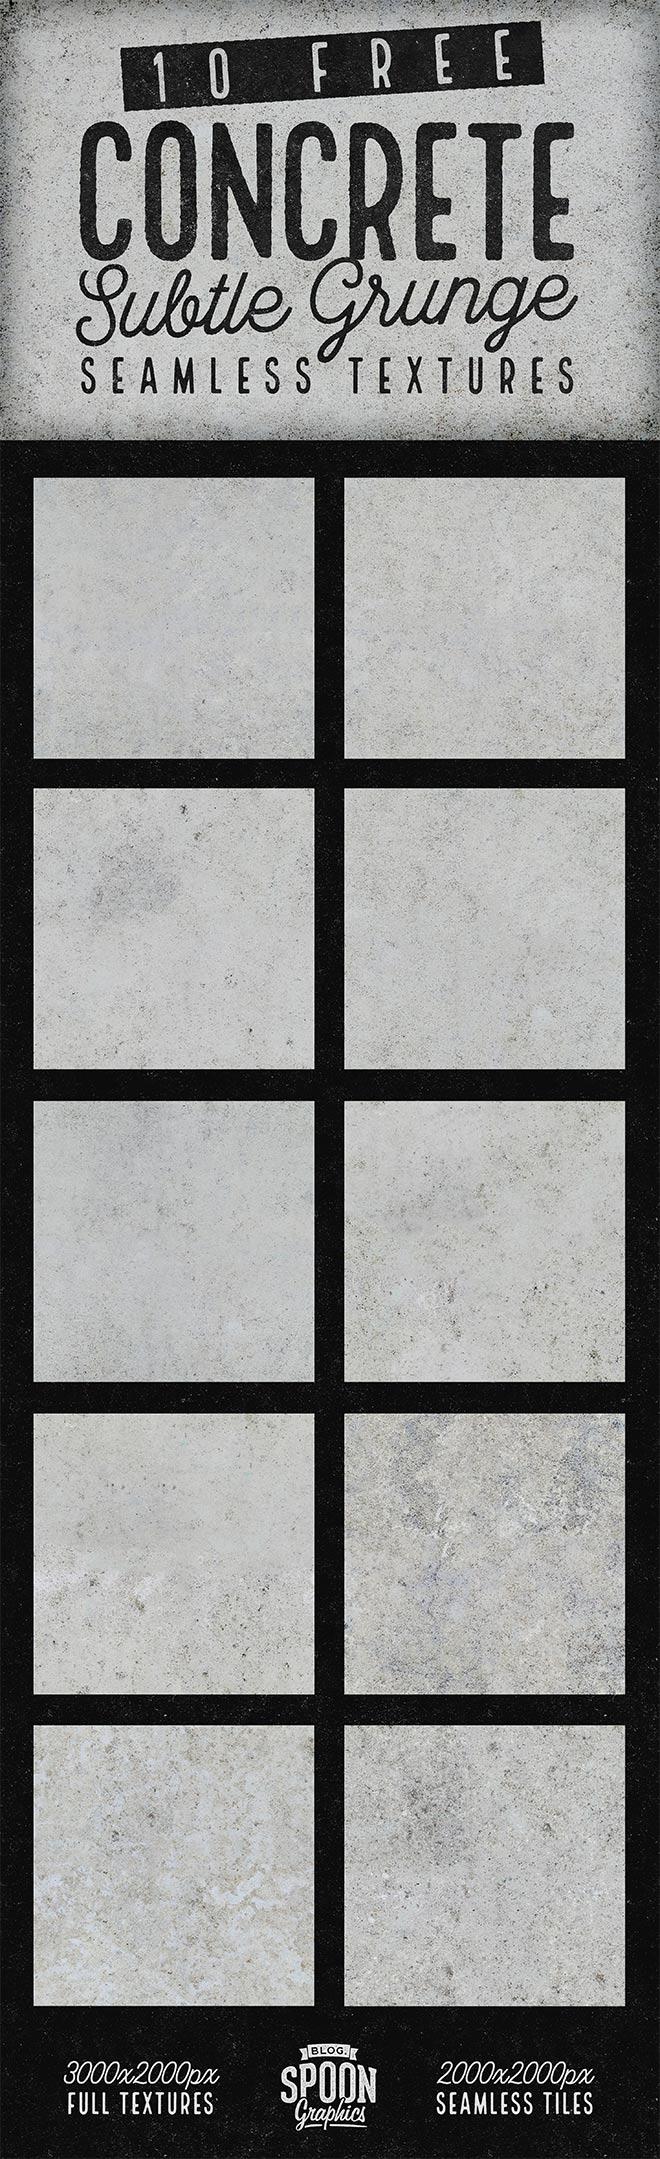 10种可无缝拼接的混凝土、水泥墙面纹理PS素材(jpg格式)